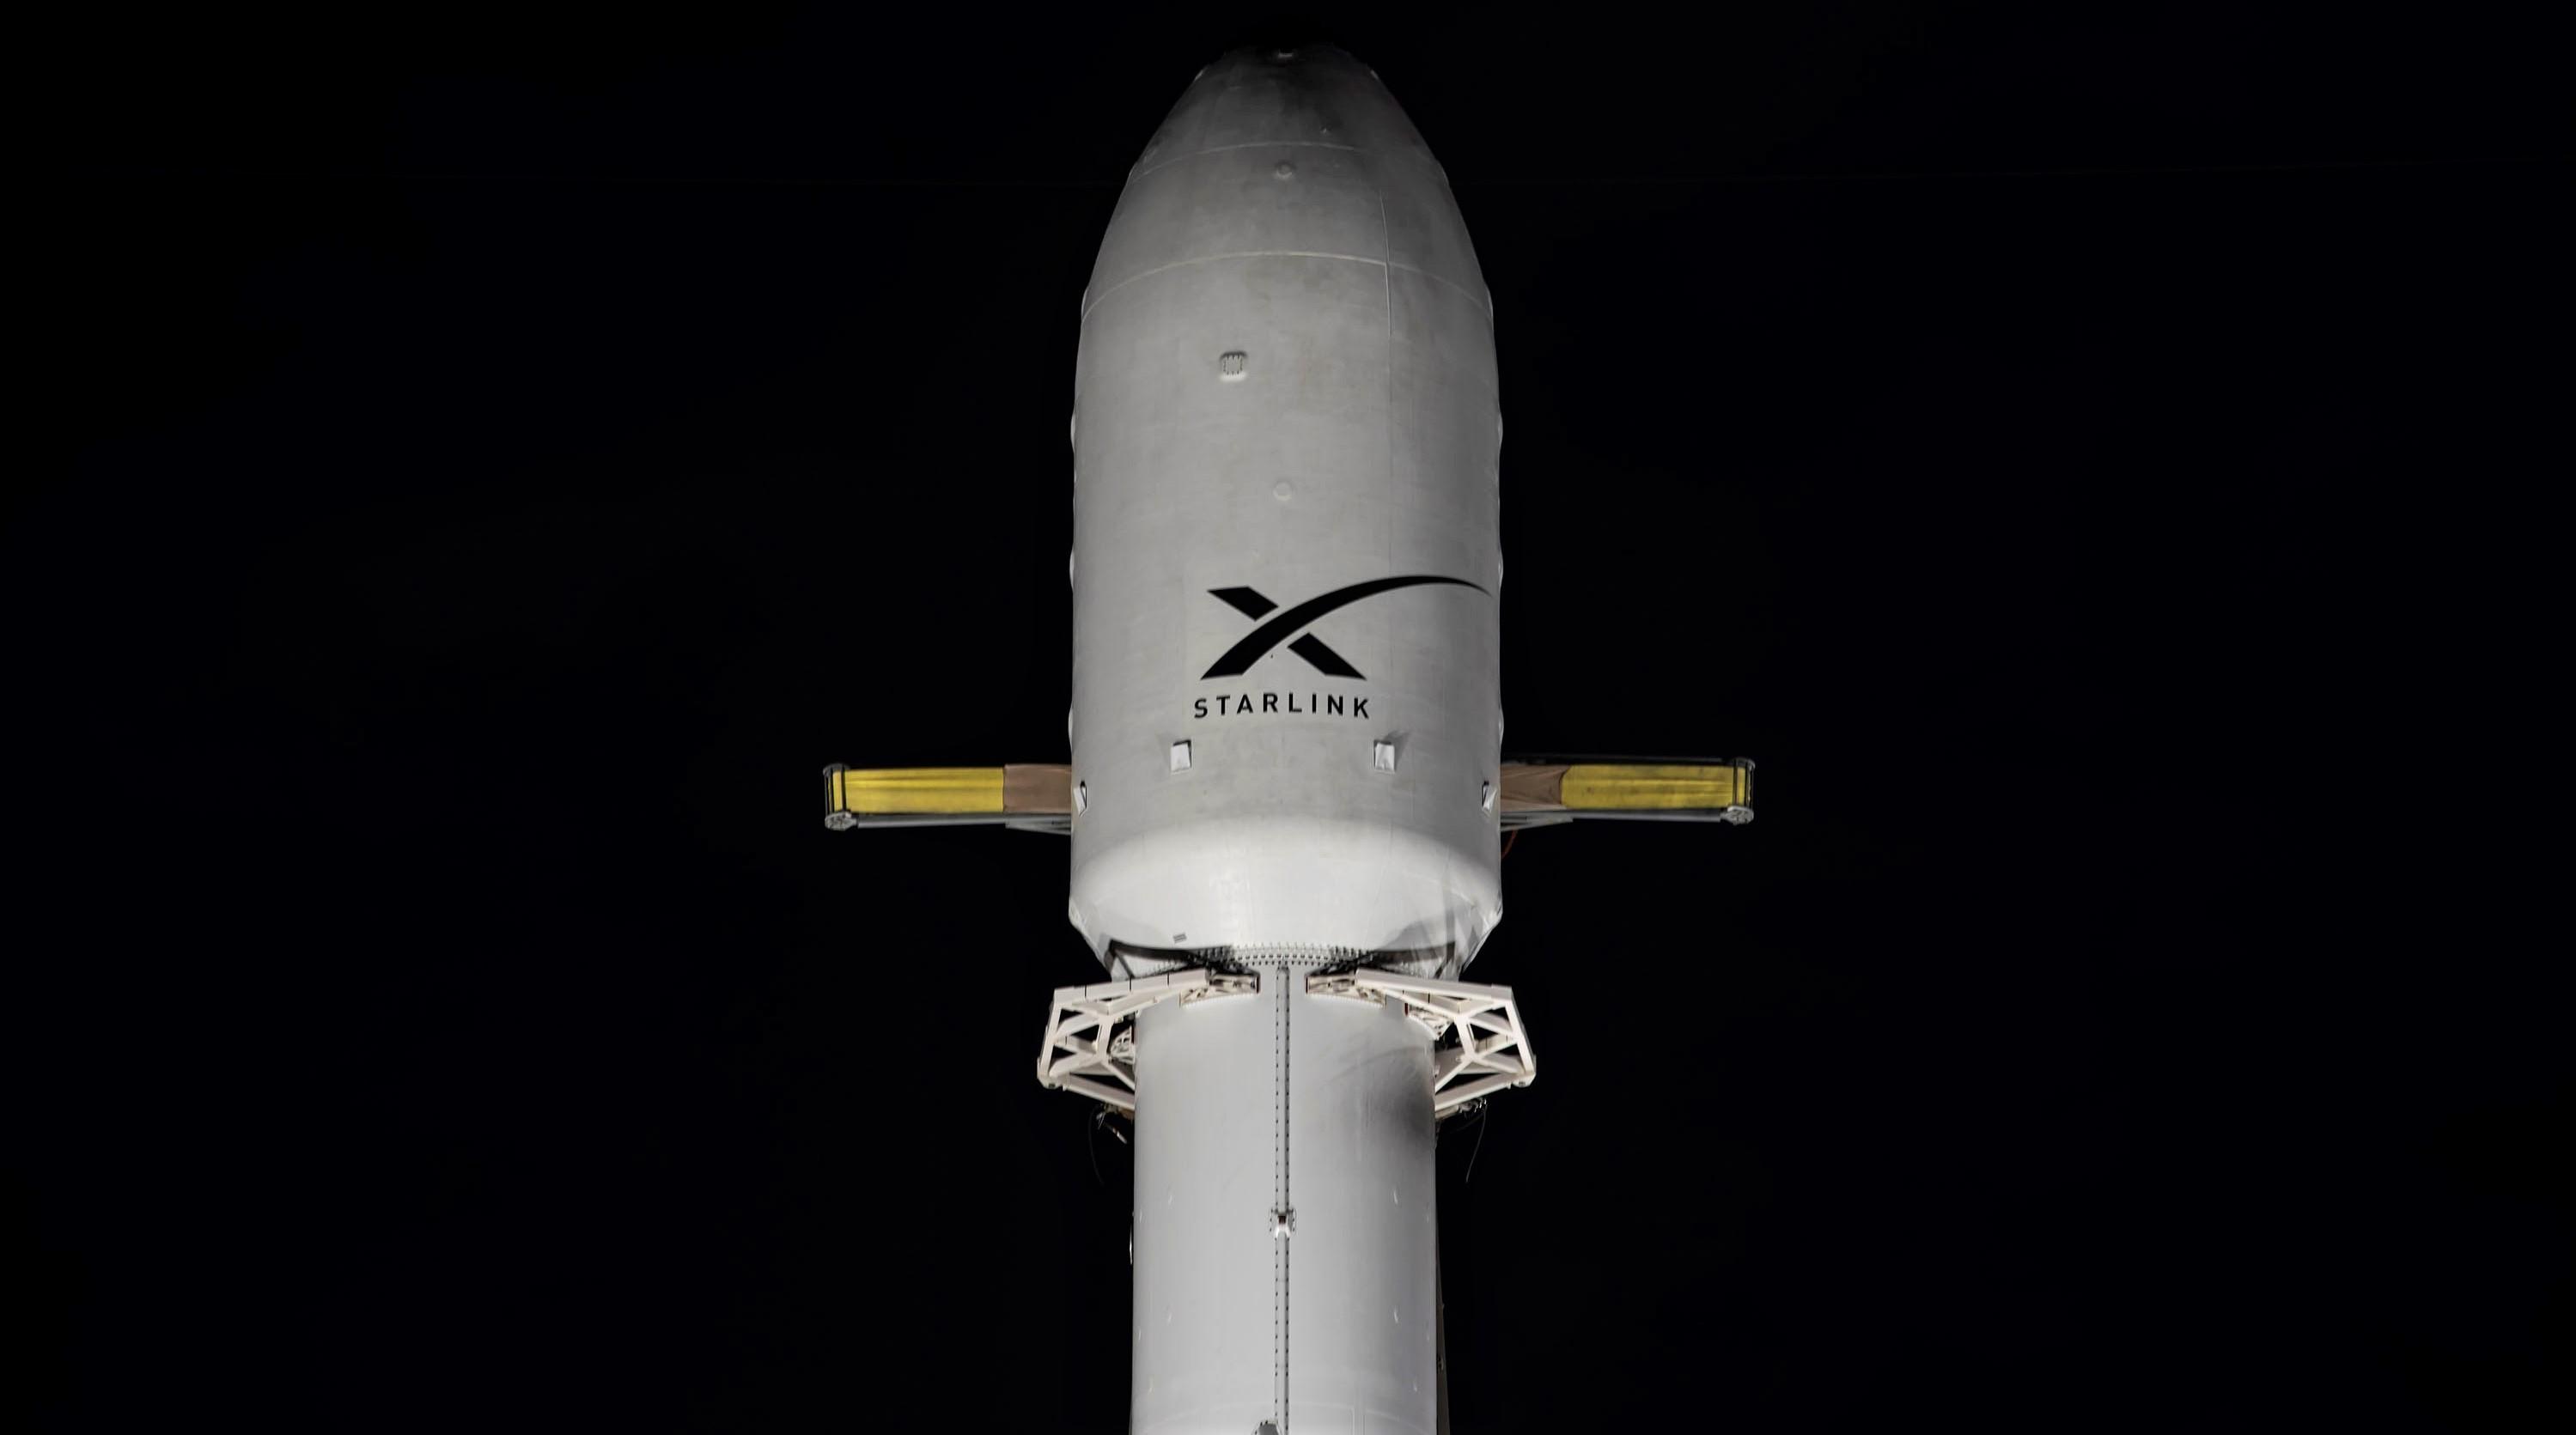 Starlink-1 Falcon 9 B1048 LC-40 vertical 111019 (SpaceX) 1 fairing crop